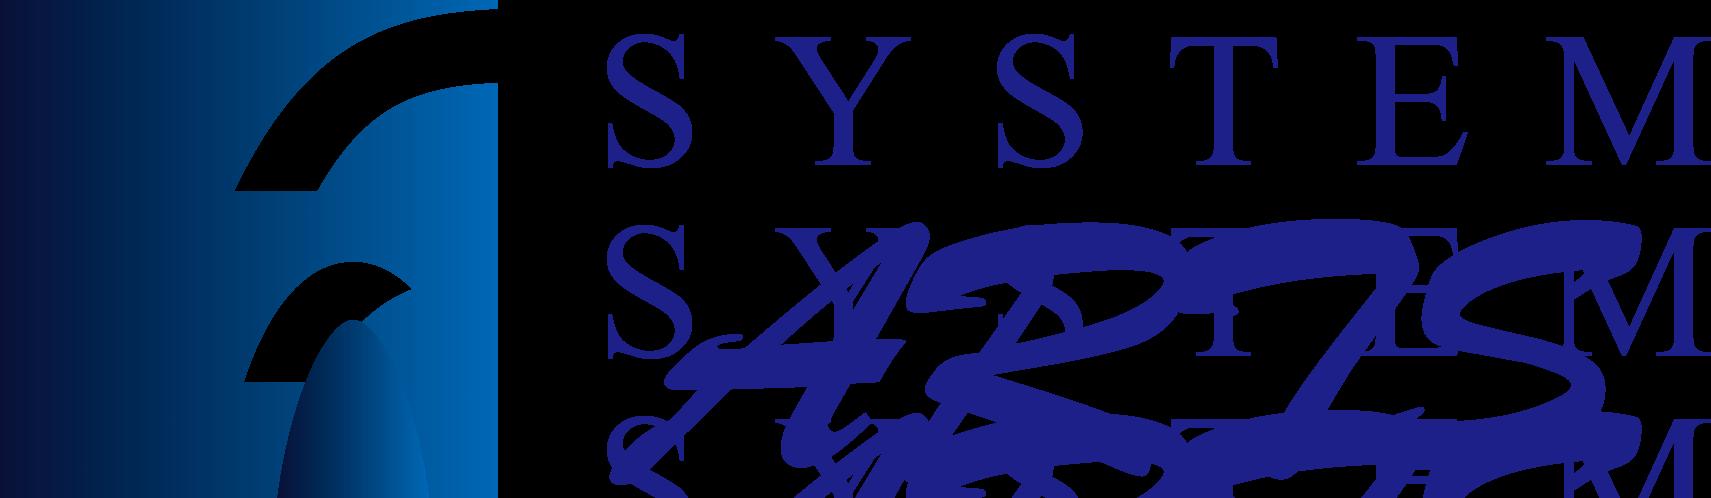 システムアーツ株式会社